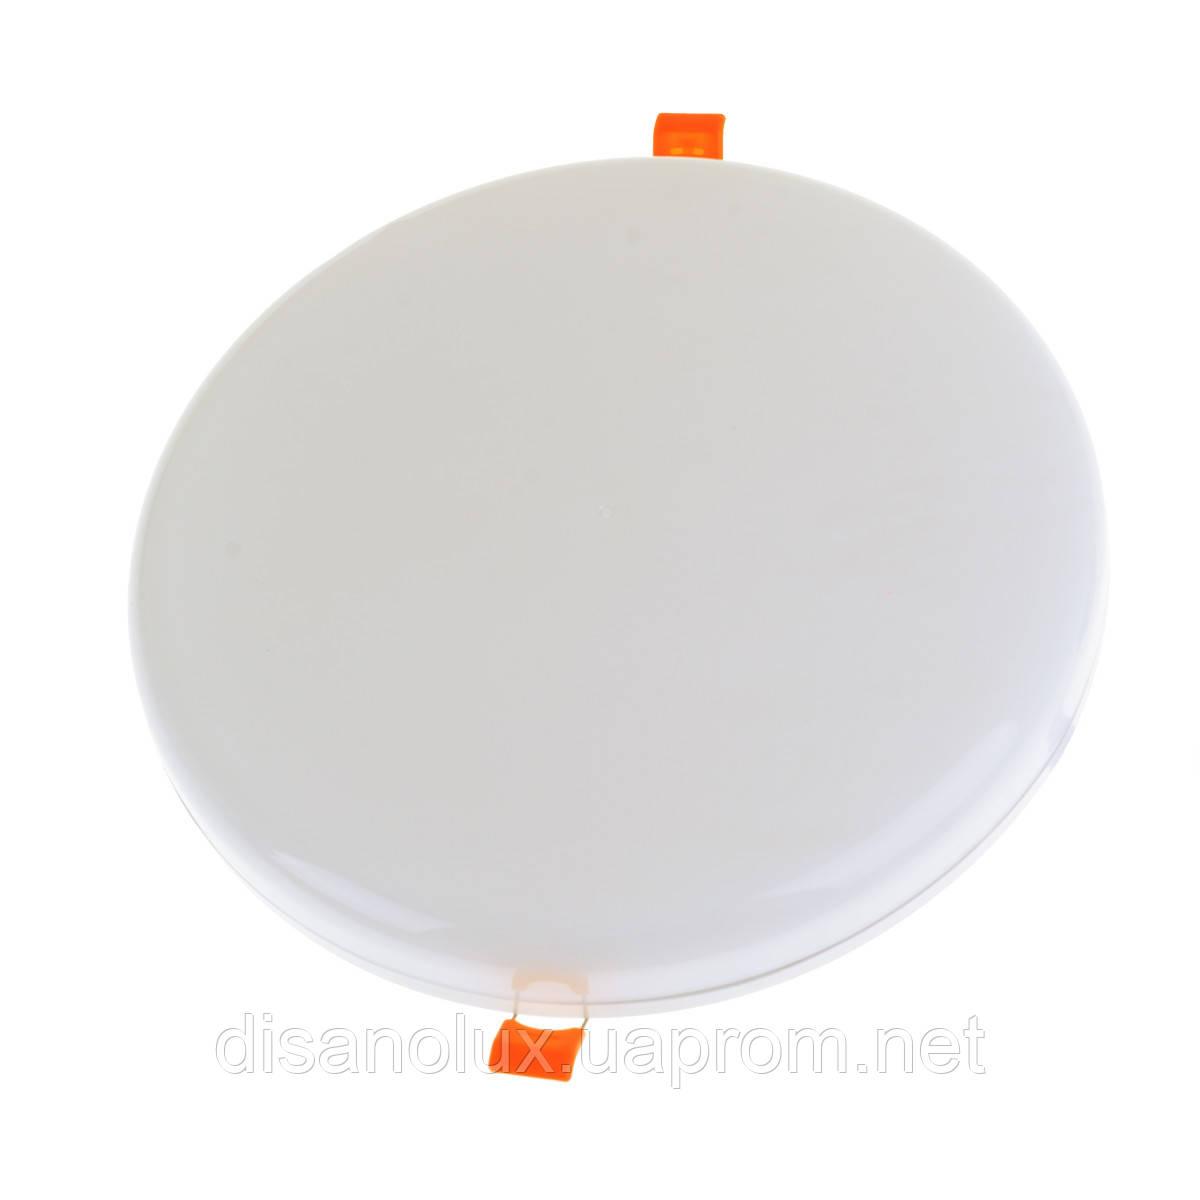 Светильник потолочный встроенный светодиодный LED-47/50W NW led